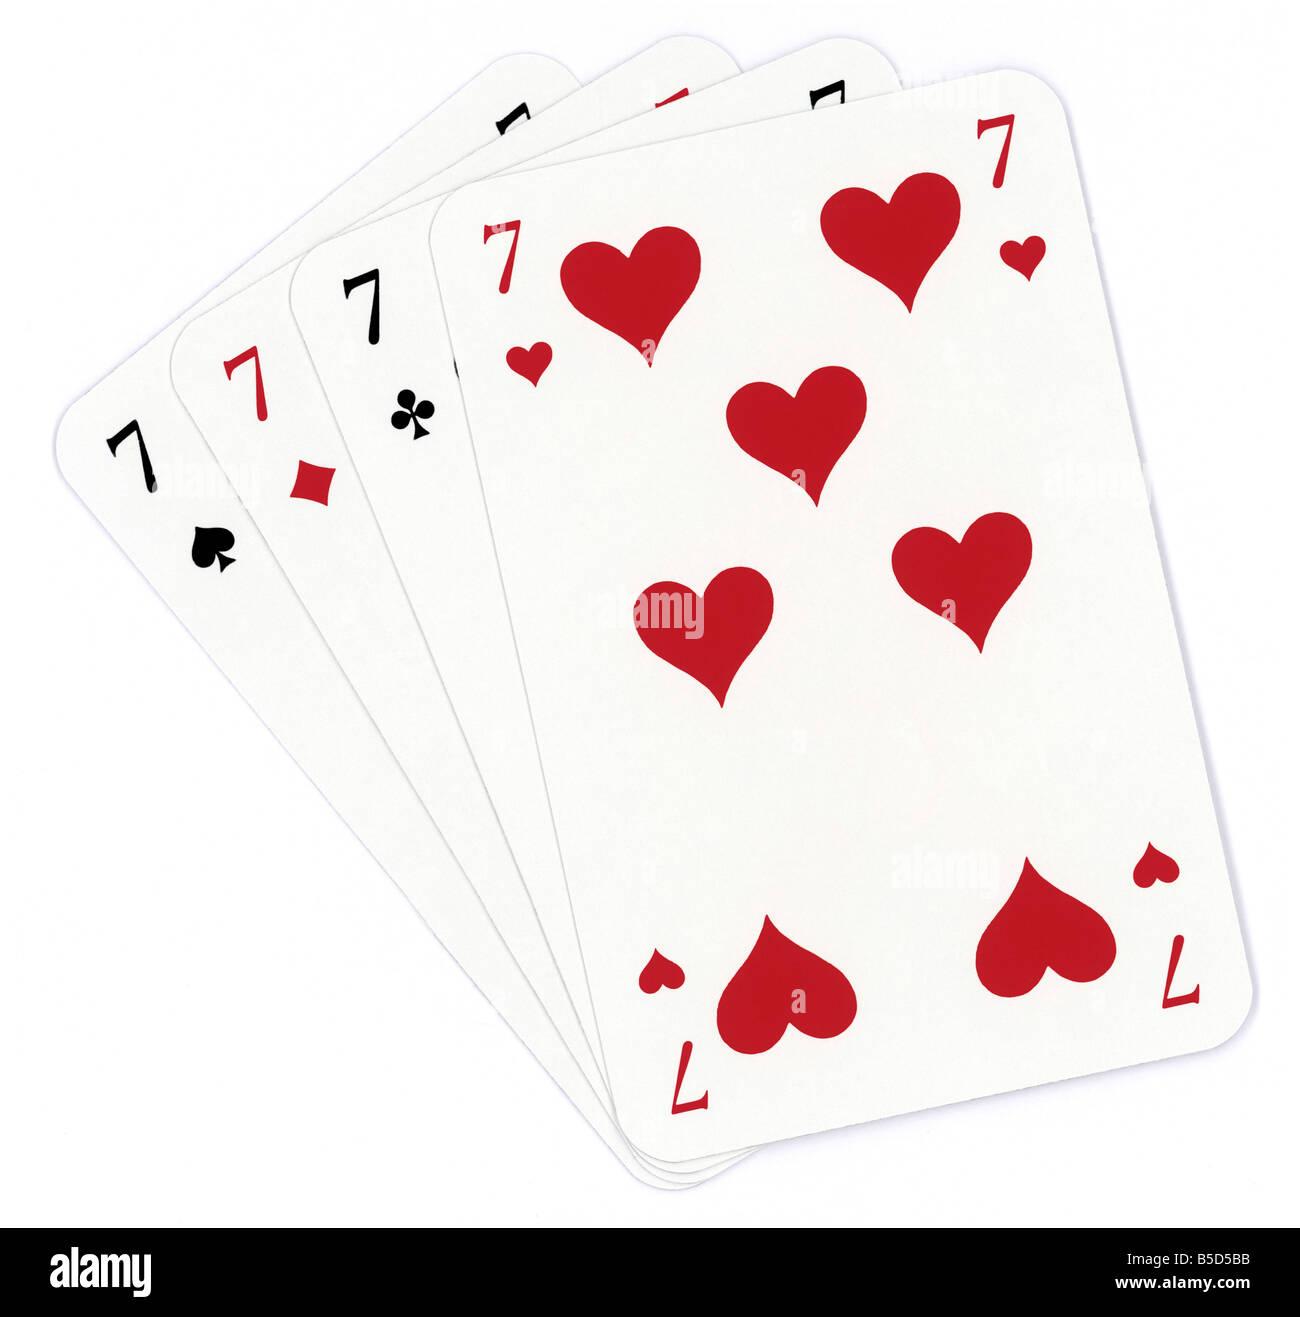 Poker di sette isolati su sfondo bianco Immagini Stock